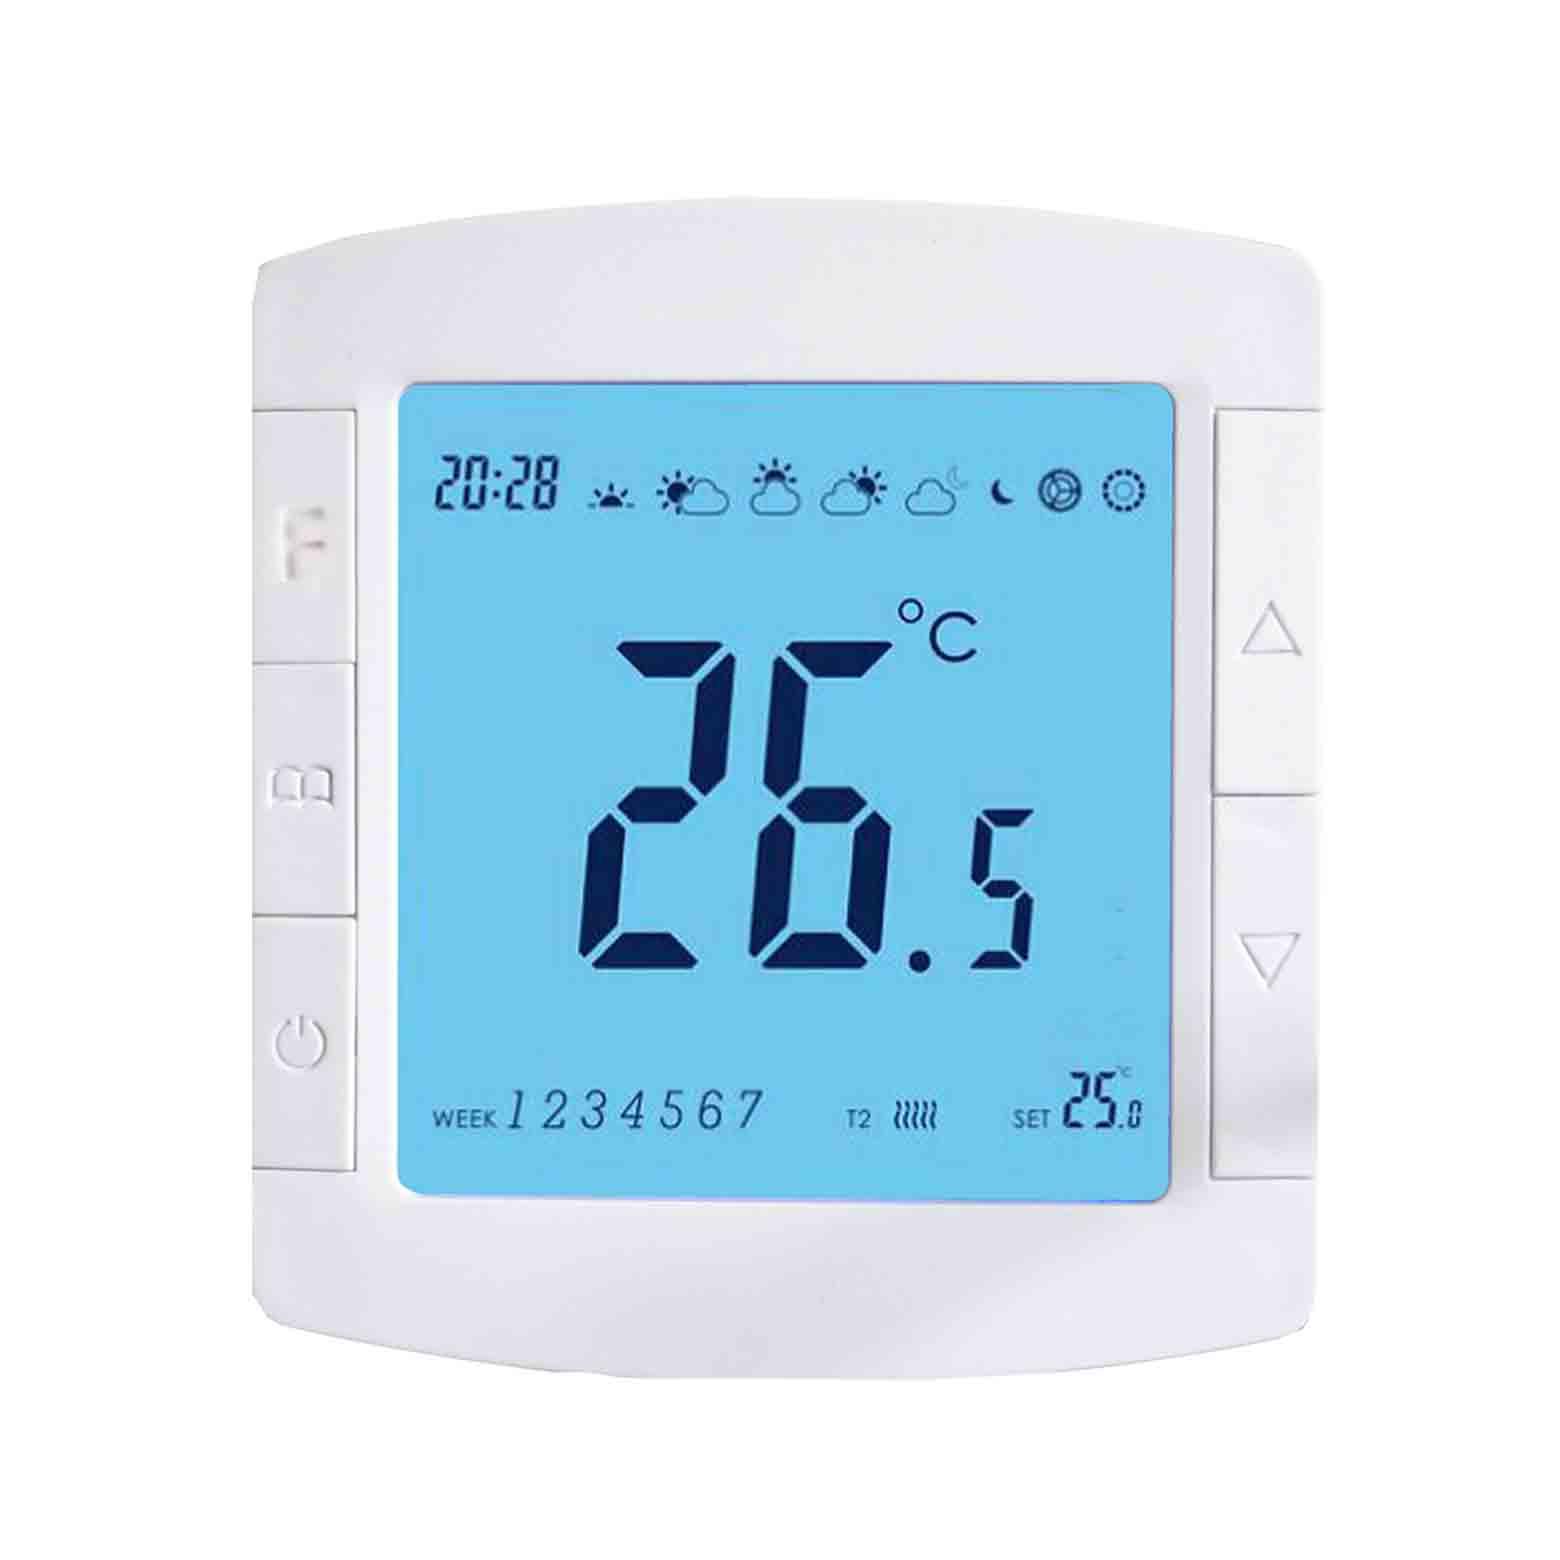 601全功能供暖液晶温控器